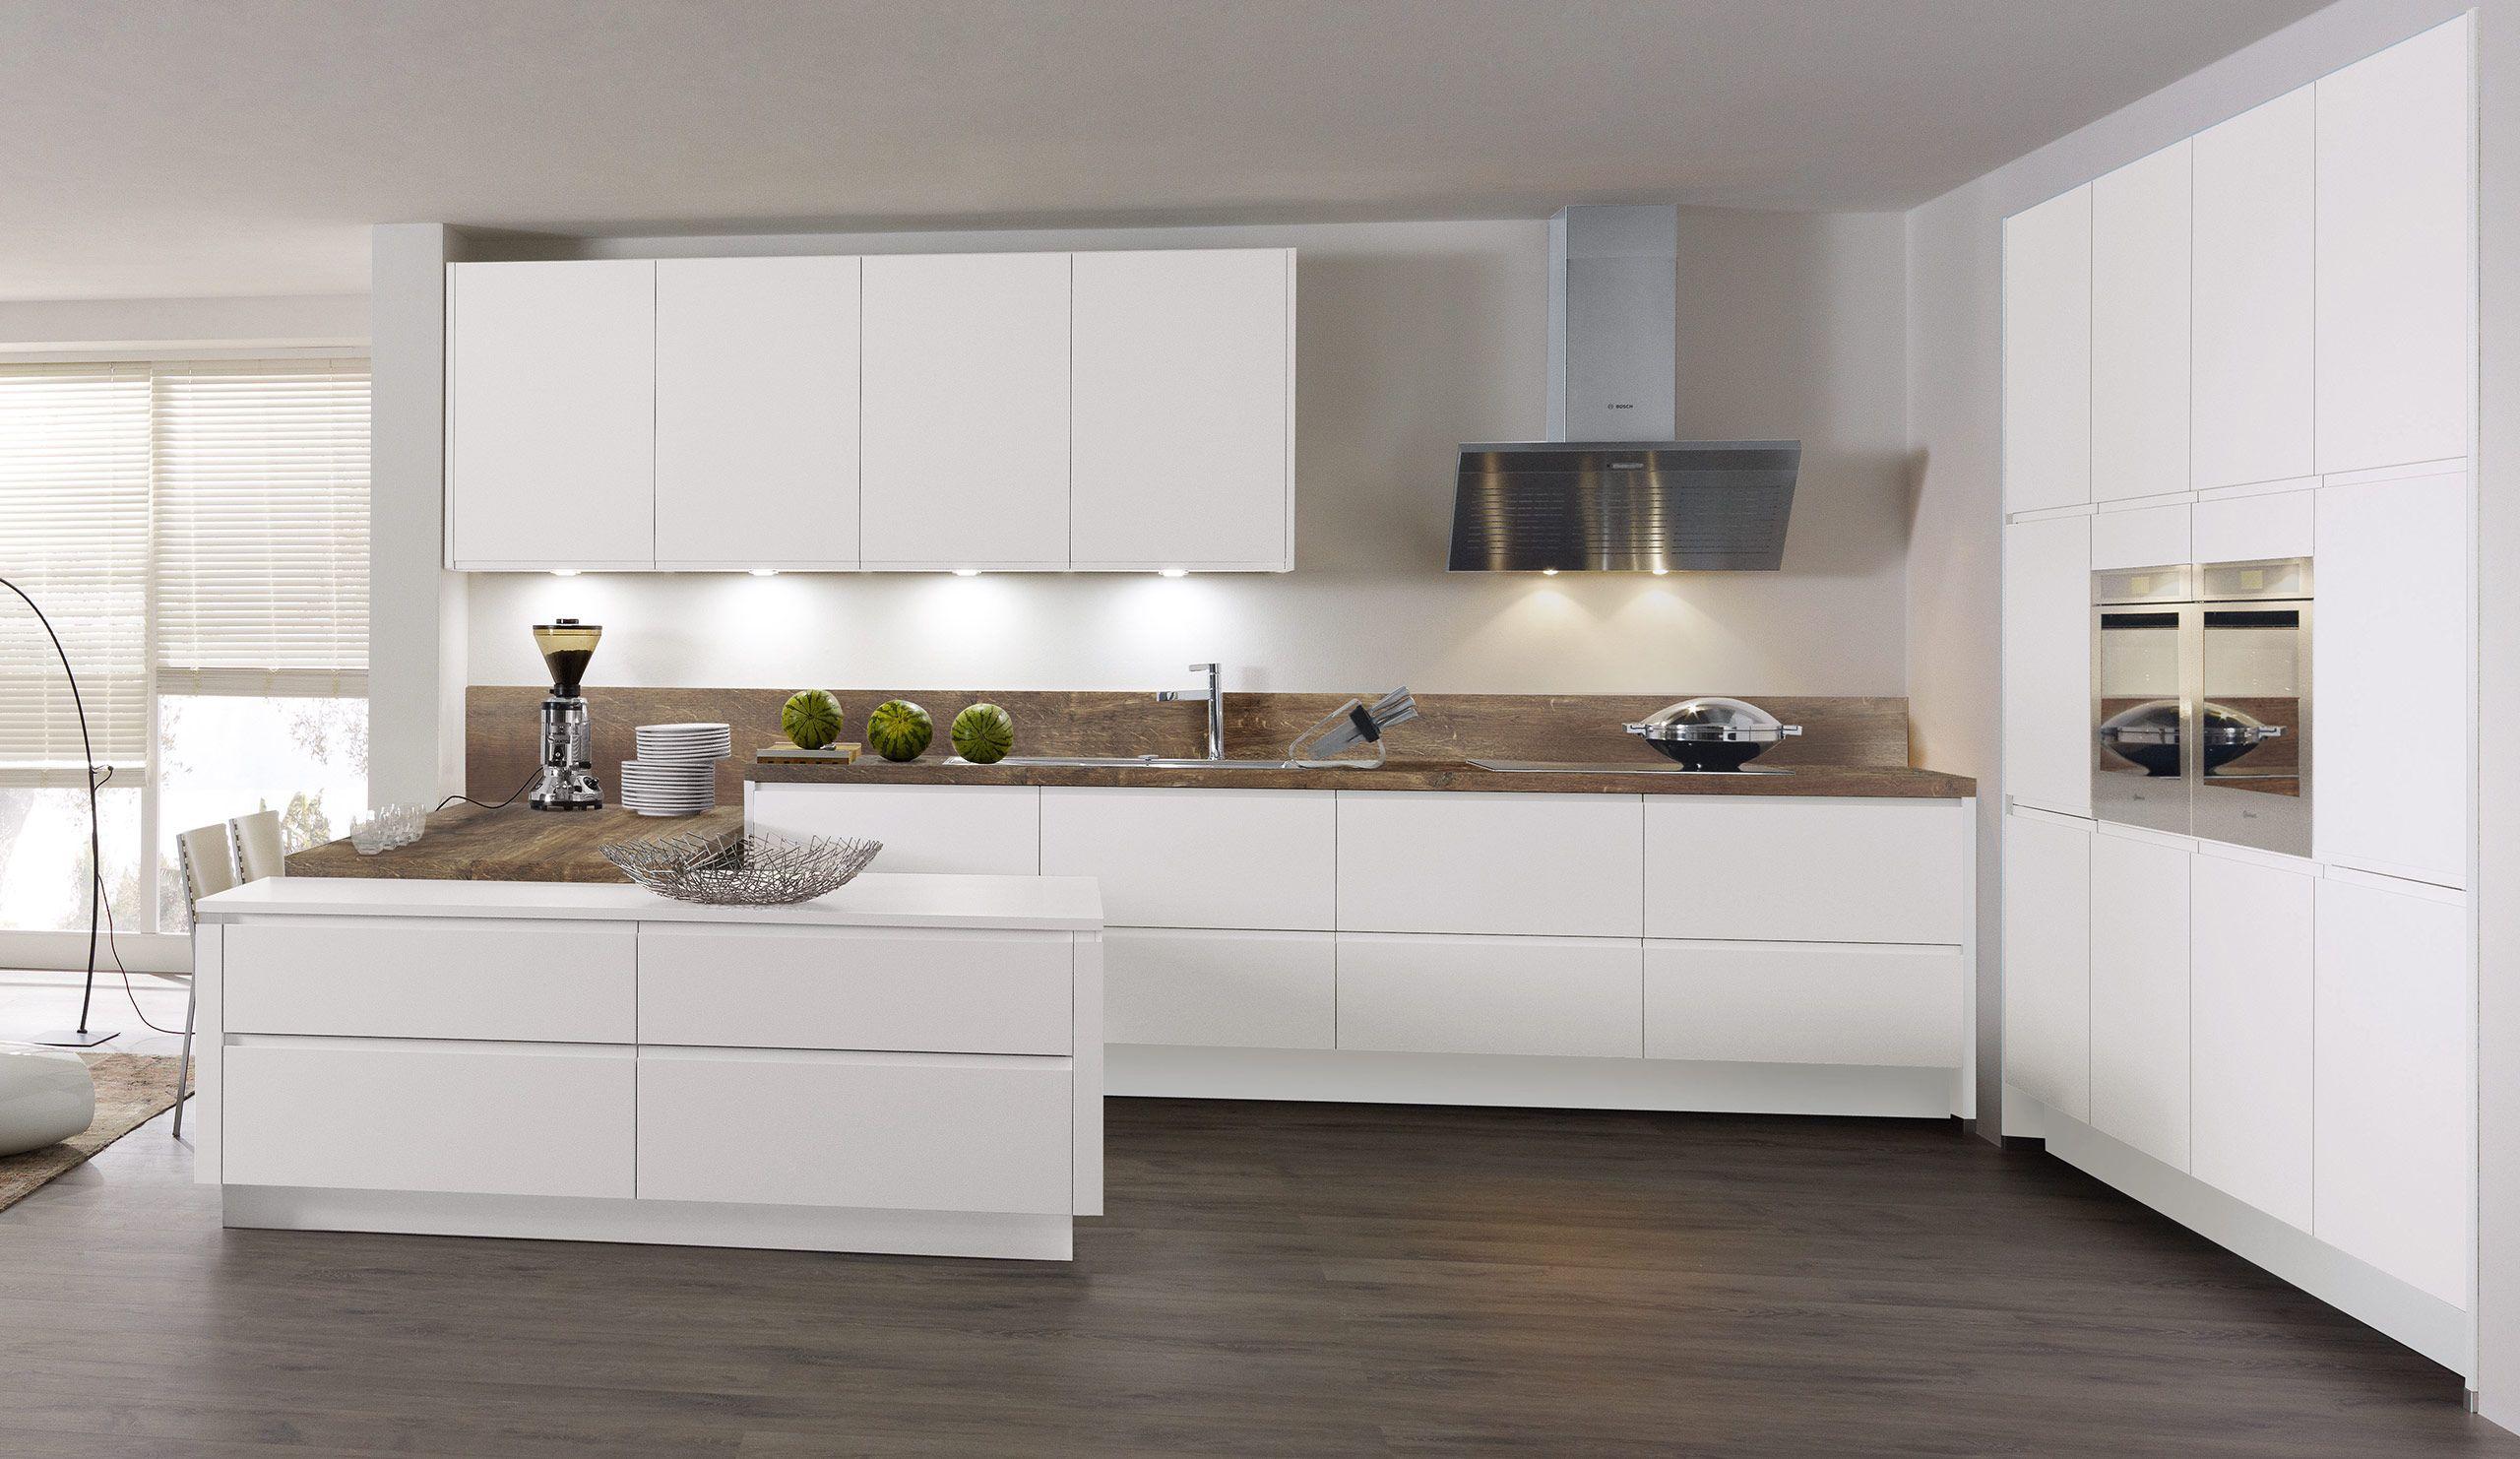 Einbauküche Ayda Weiß | Küche hochglanz, Küche und Einbauküche